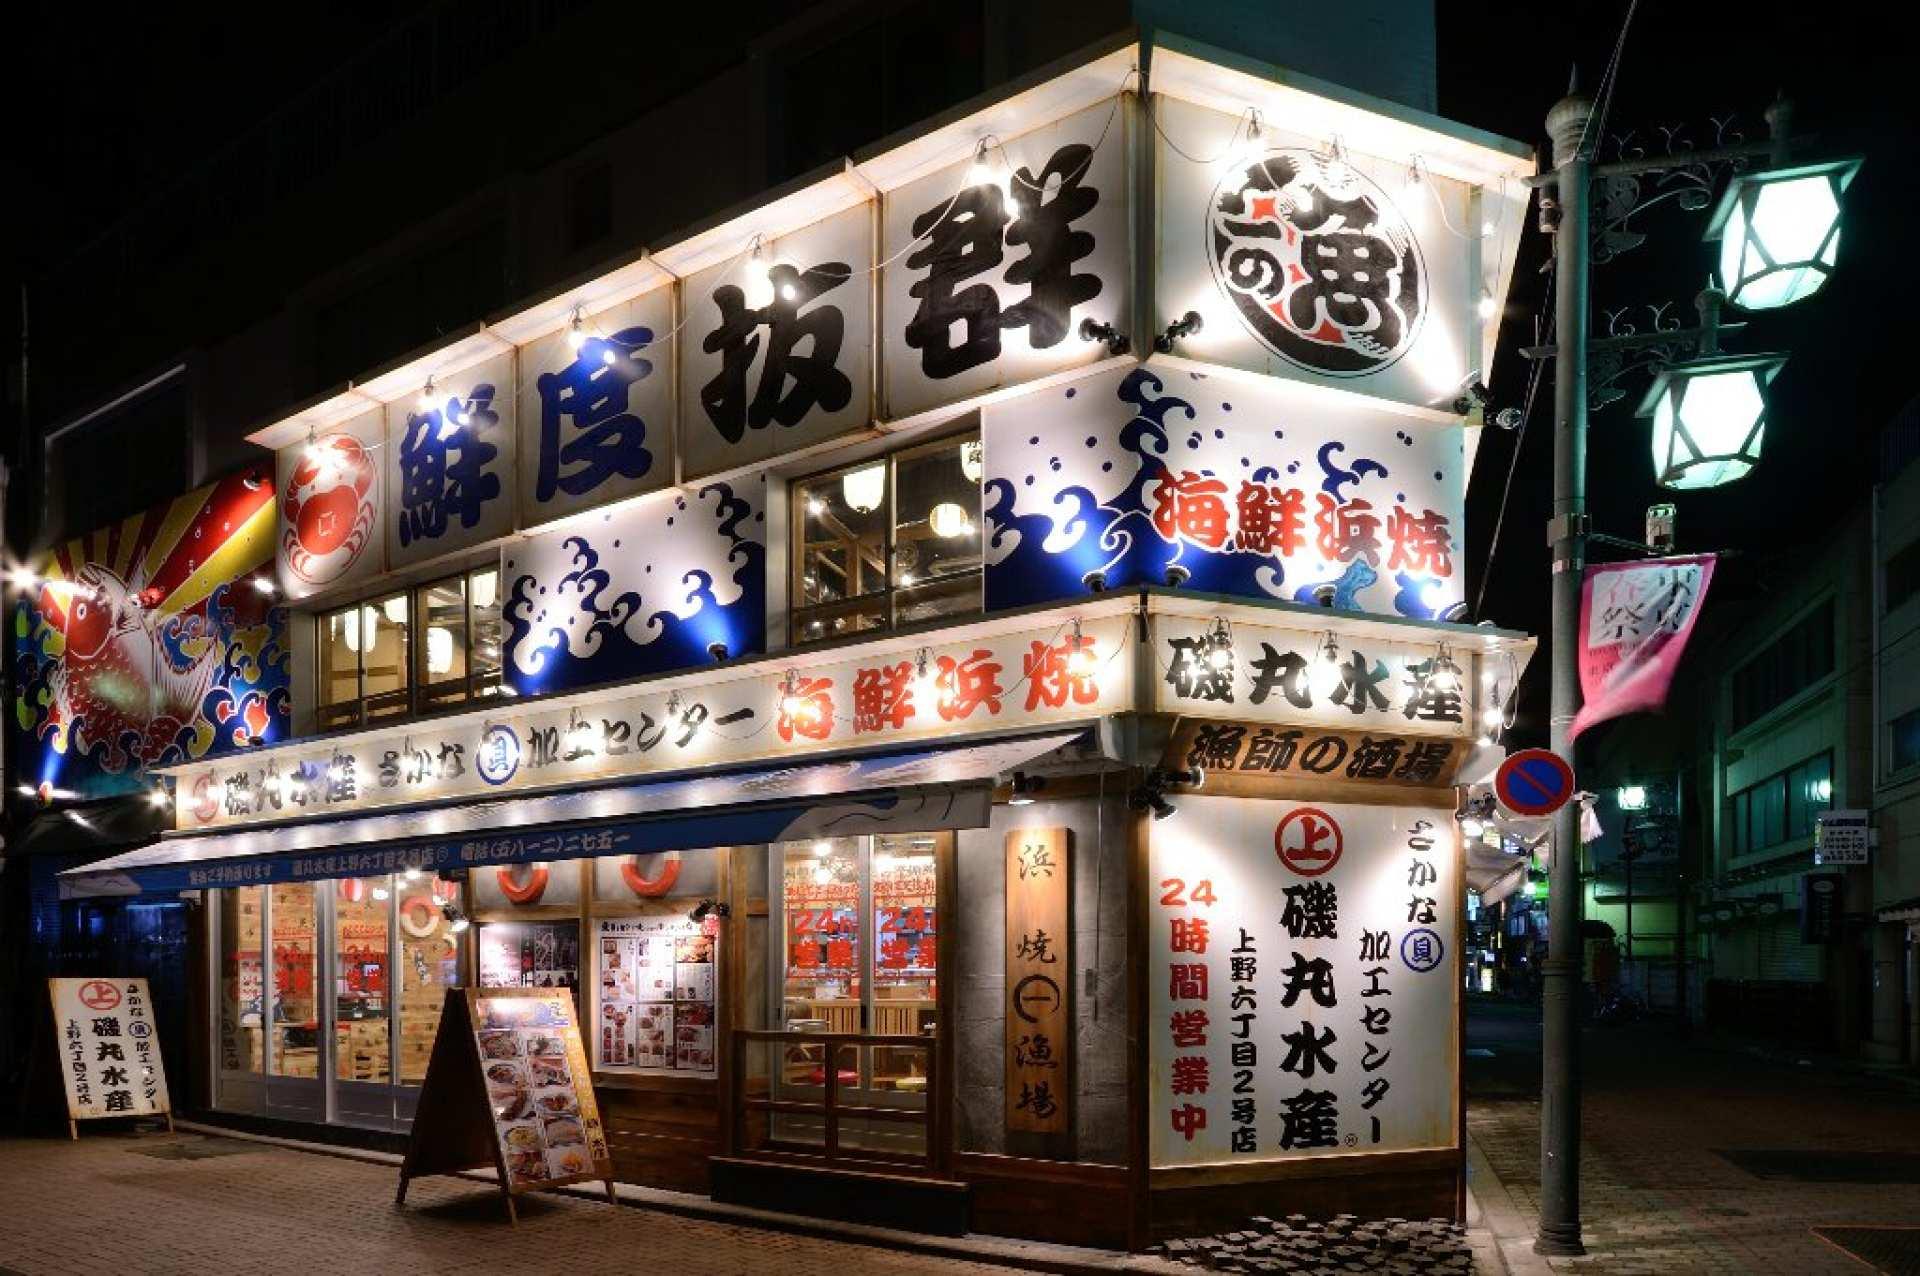 【KKday 隱藏版方案】人氣海鮮居酒屋・磯丸水産